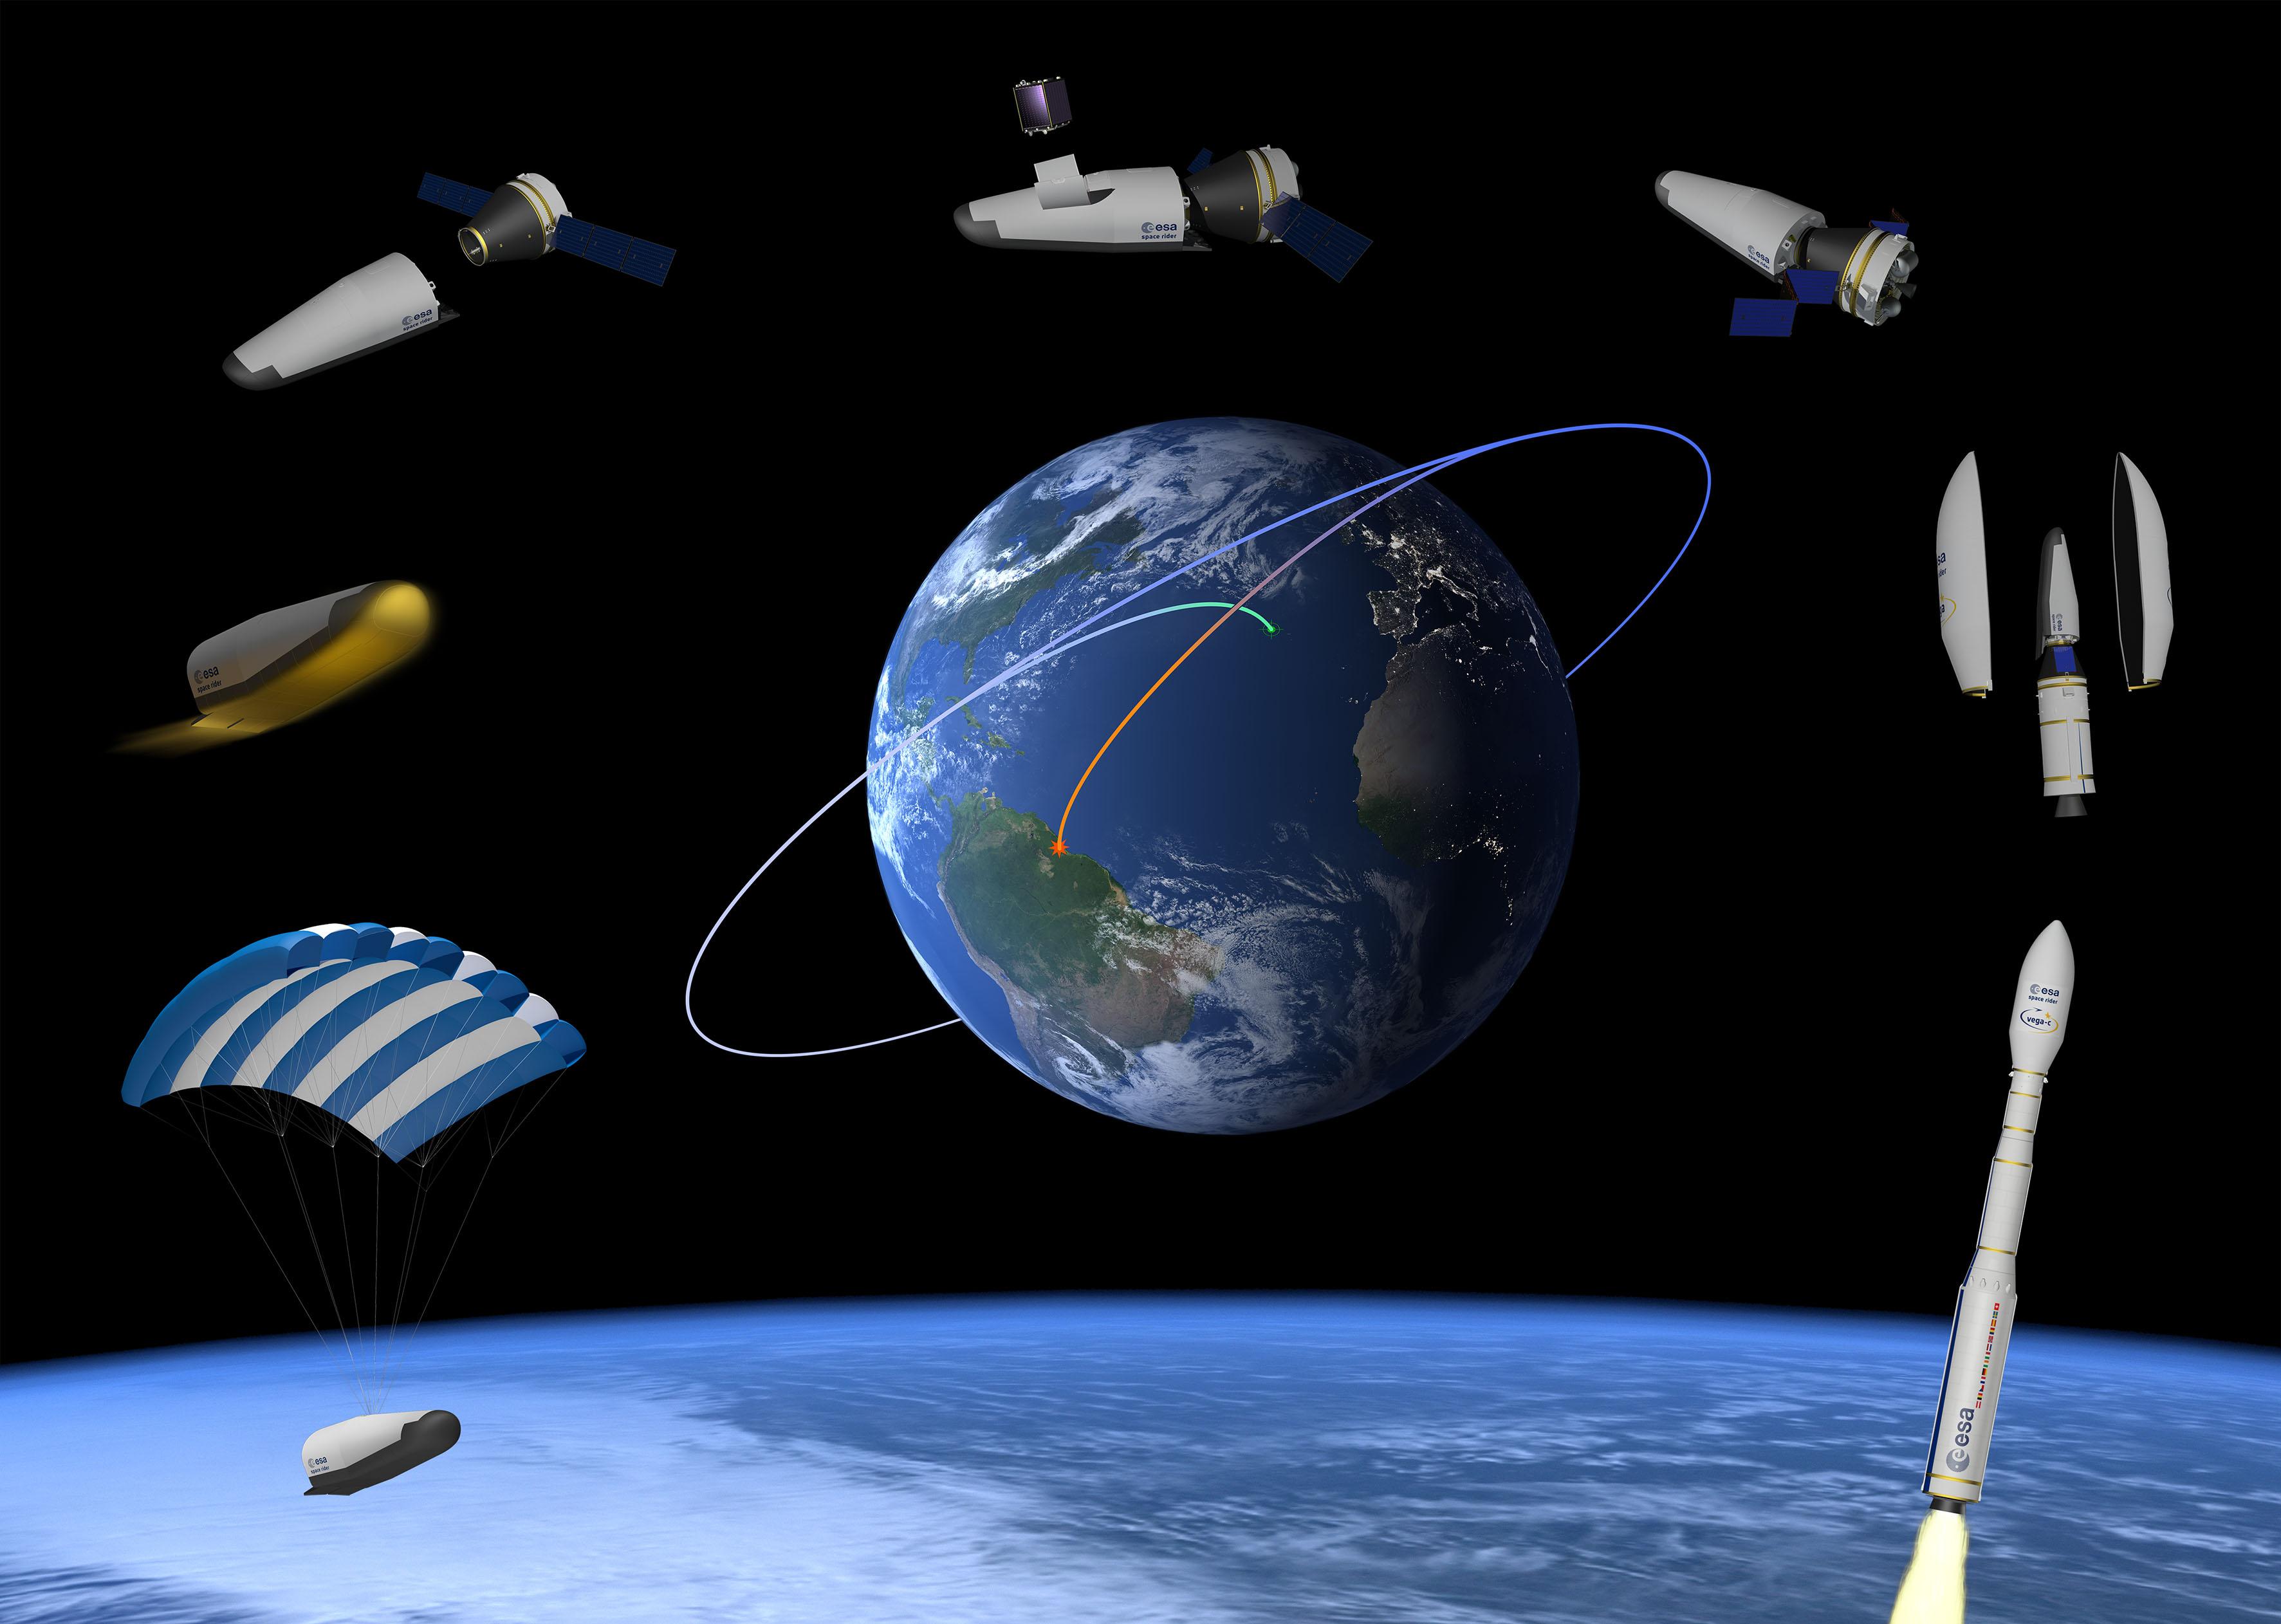 Space Rider : Véhicule spatial européen récupérable et réutilisable 11652